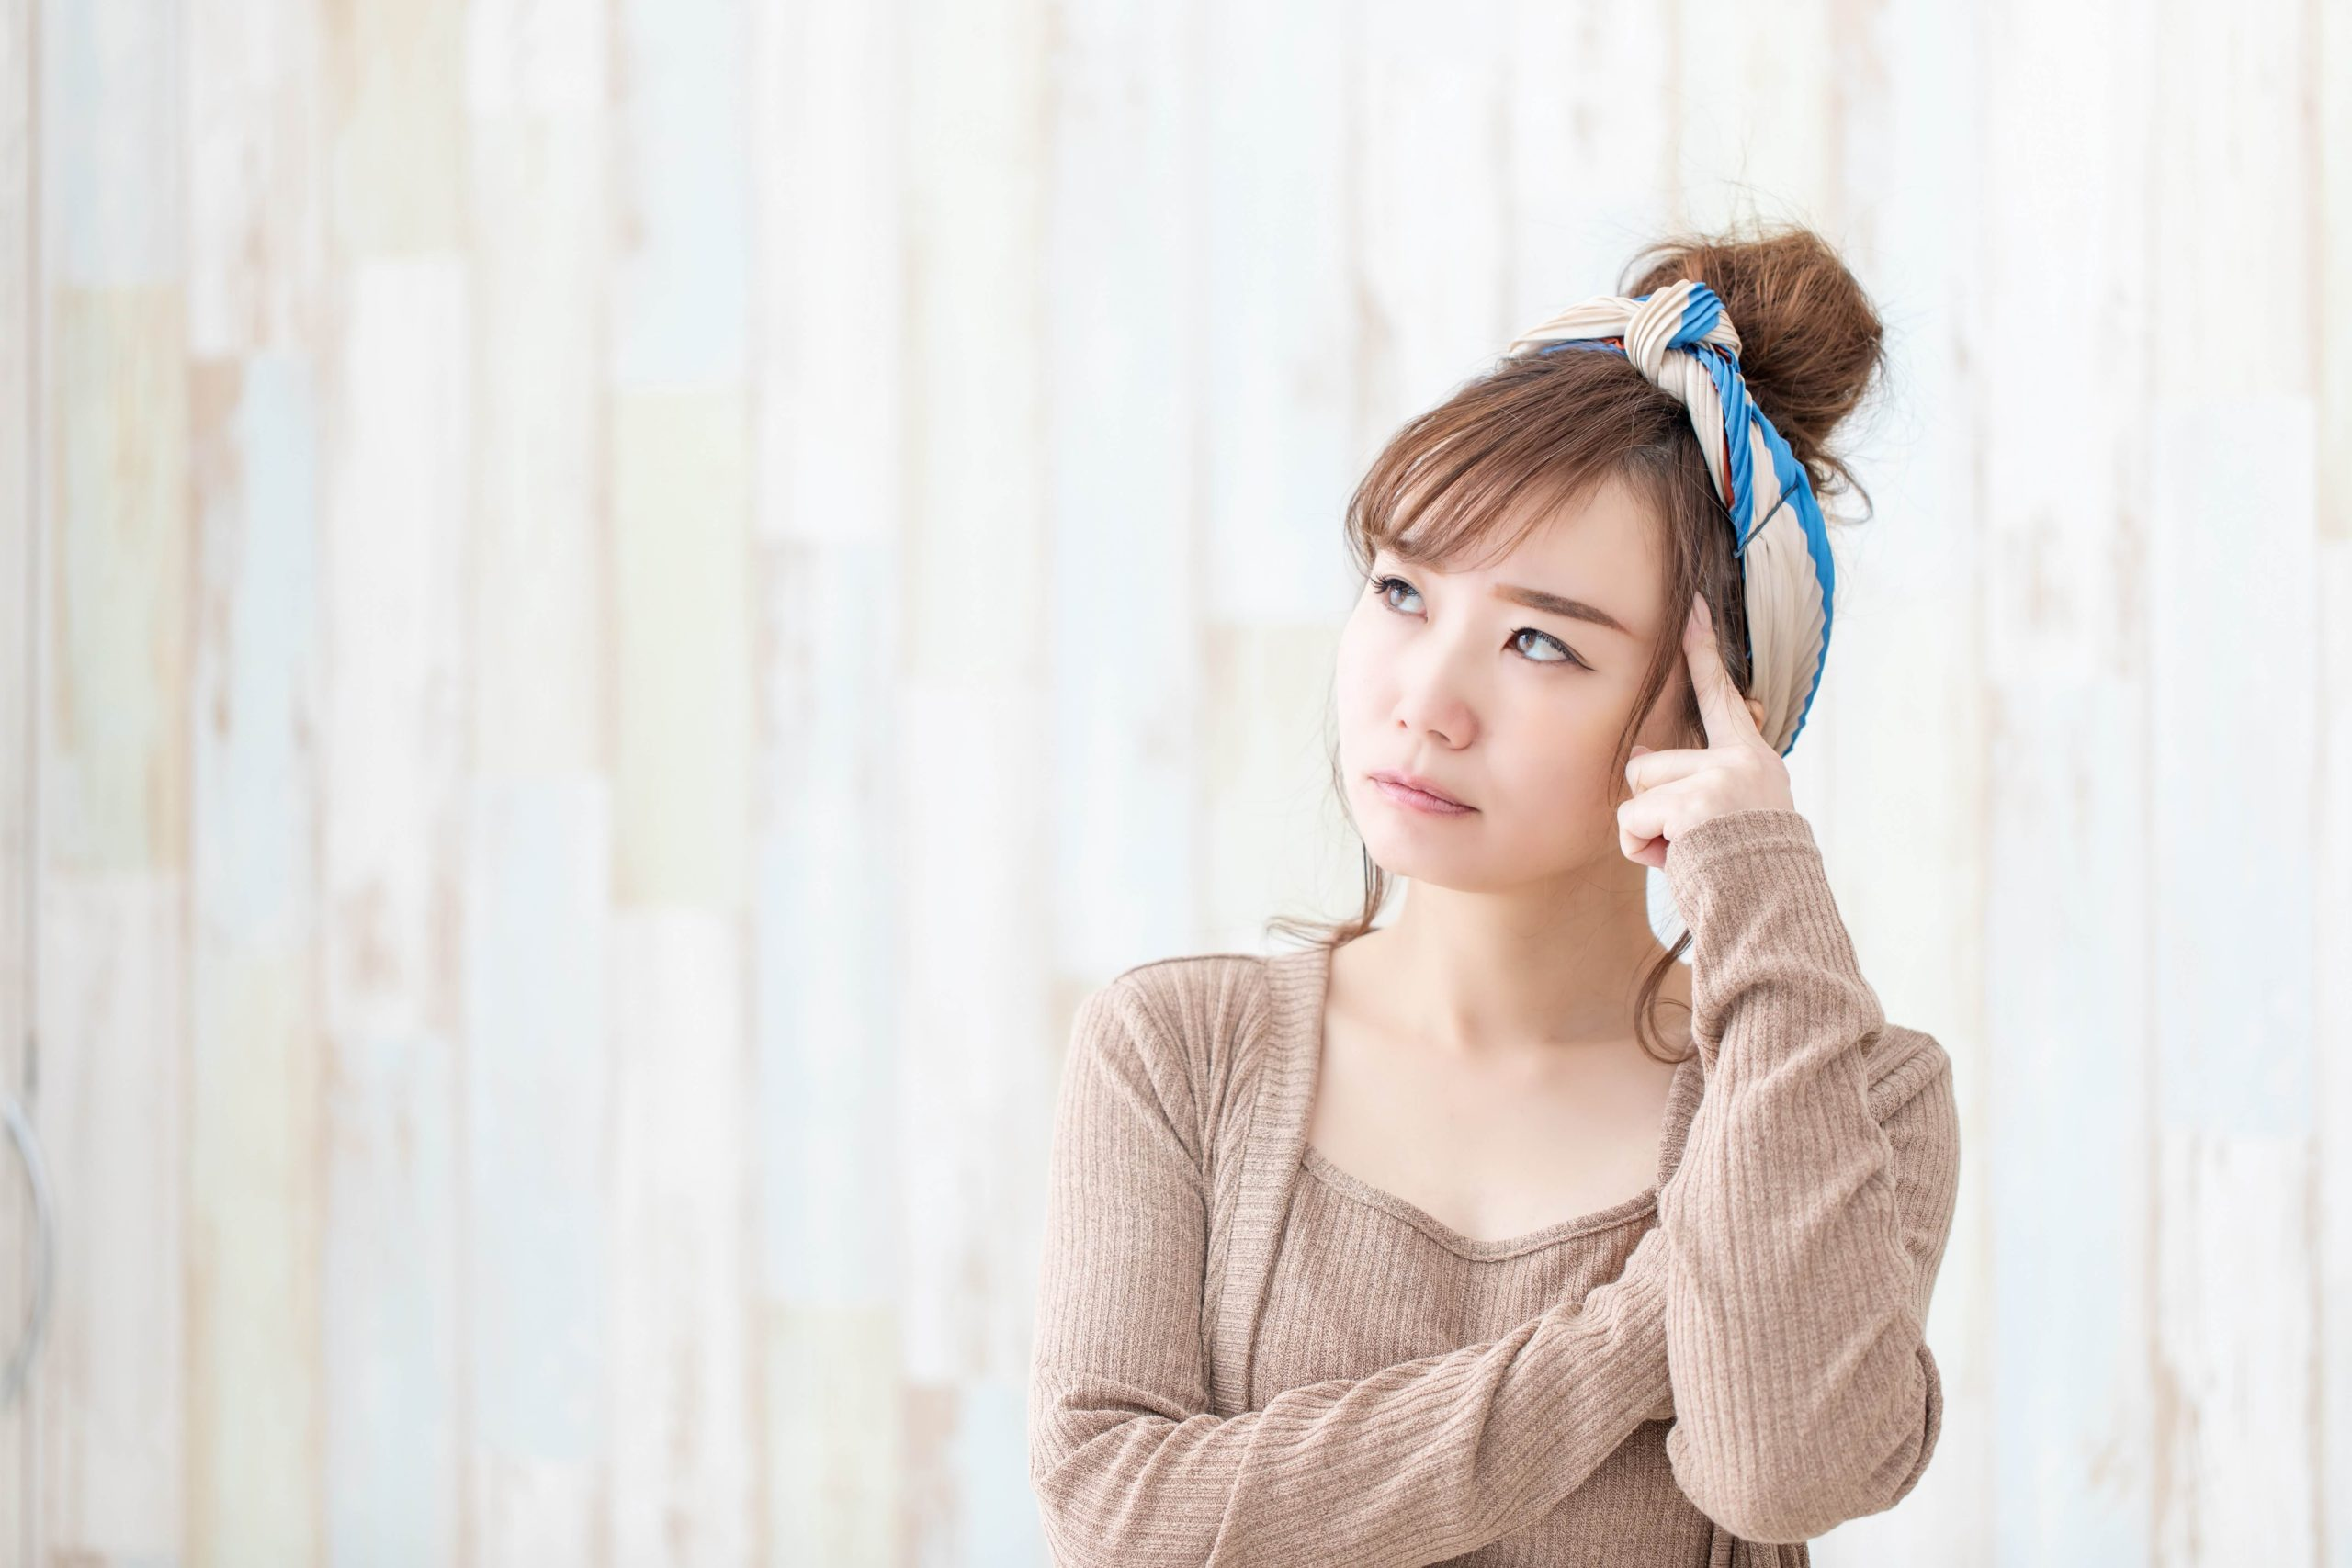 フケ 眉毛 眉毛からフケの原因は乾燥だけじゃない。しっかりケアしてフケ予防